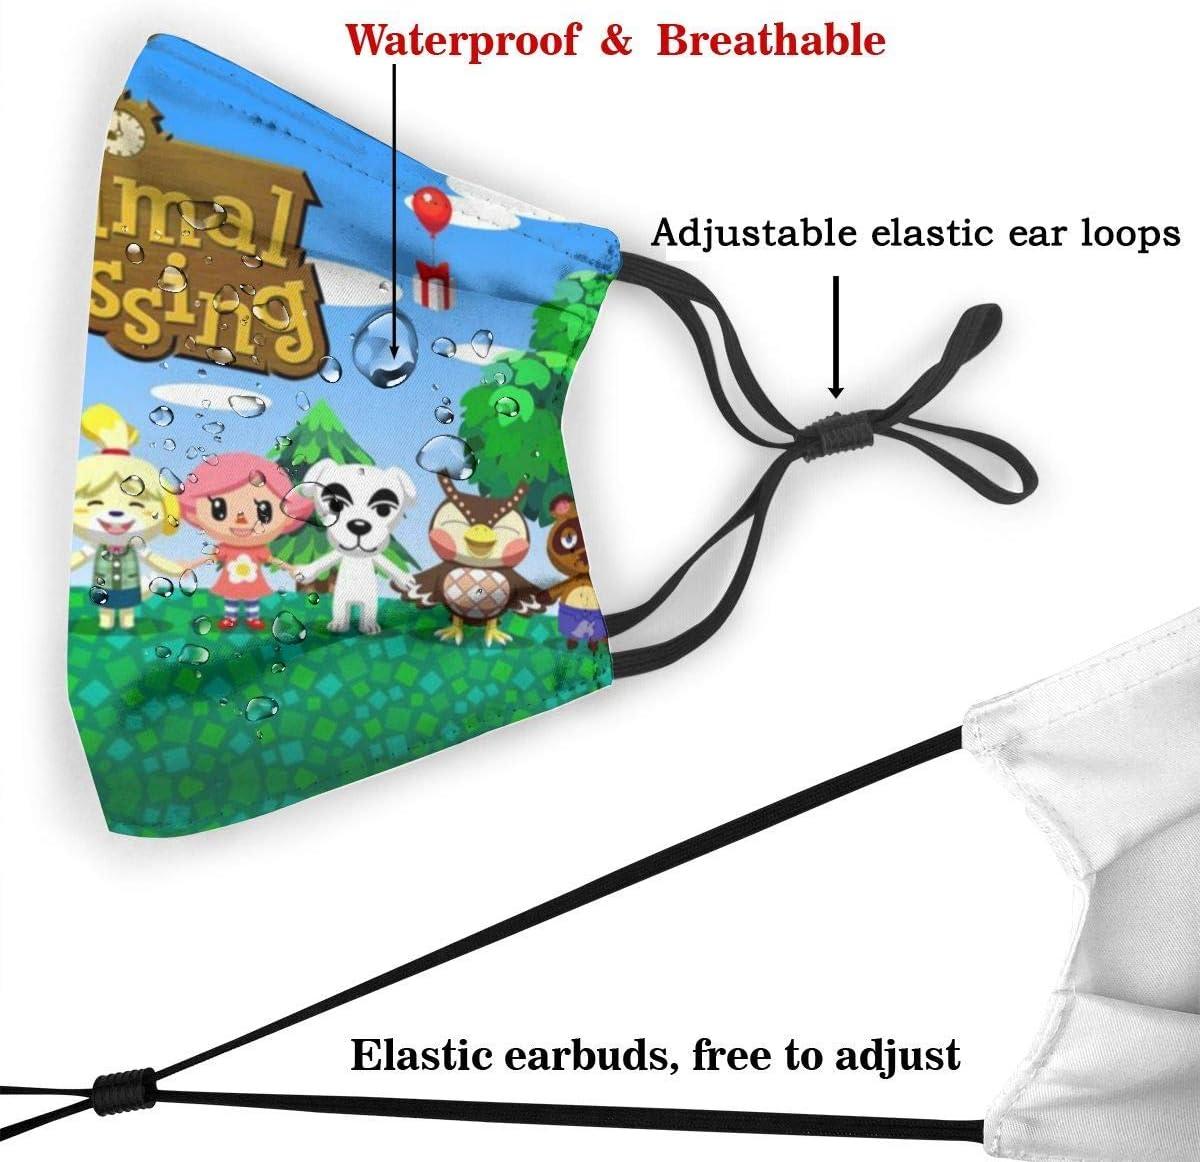 Kinder Verstellbar Anti Animal Crossing 2 Cartoon Gesichtsschal Gesichtsmund Schal Work Balaclava Stirnband Für Radfahren Camping Reisen Für Mädchen Baumarkt